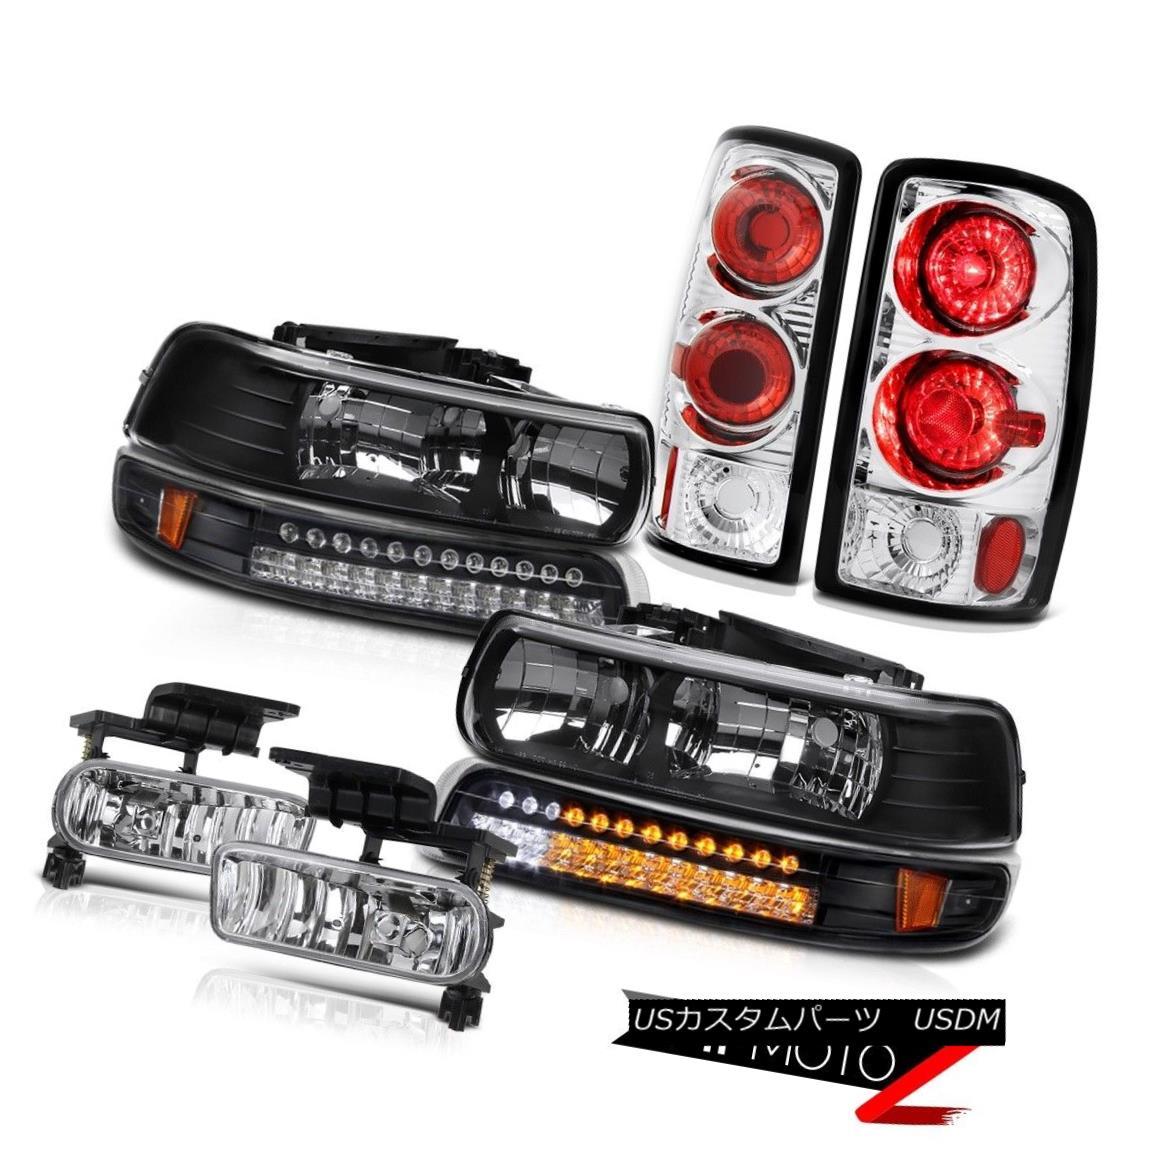 テールライト Pair Black Headlamps LED Rear Tail Lights Euro Fog 00 01 02 03 04 05 06 Suburban ペアブラックヘッドランプLEDリアテールライトユーロフォグ00 01 02 03 04 05 06郊外